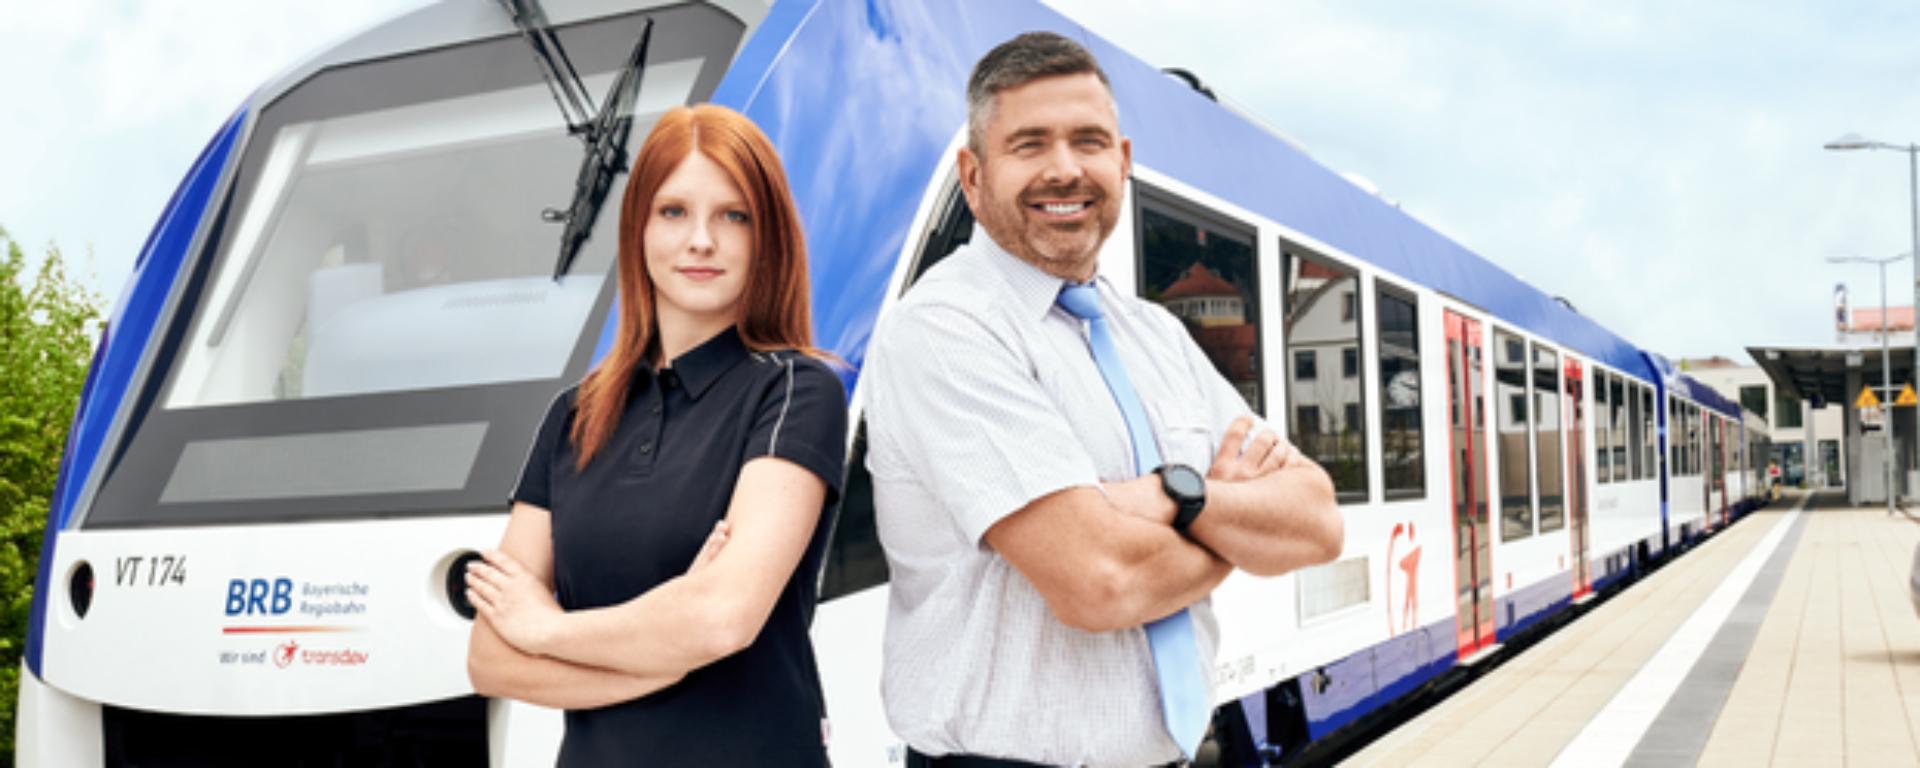 brb-trains-staff_germany